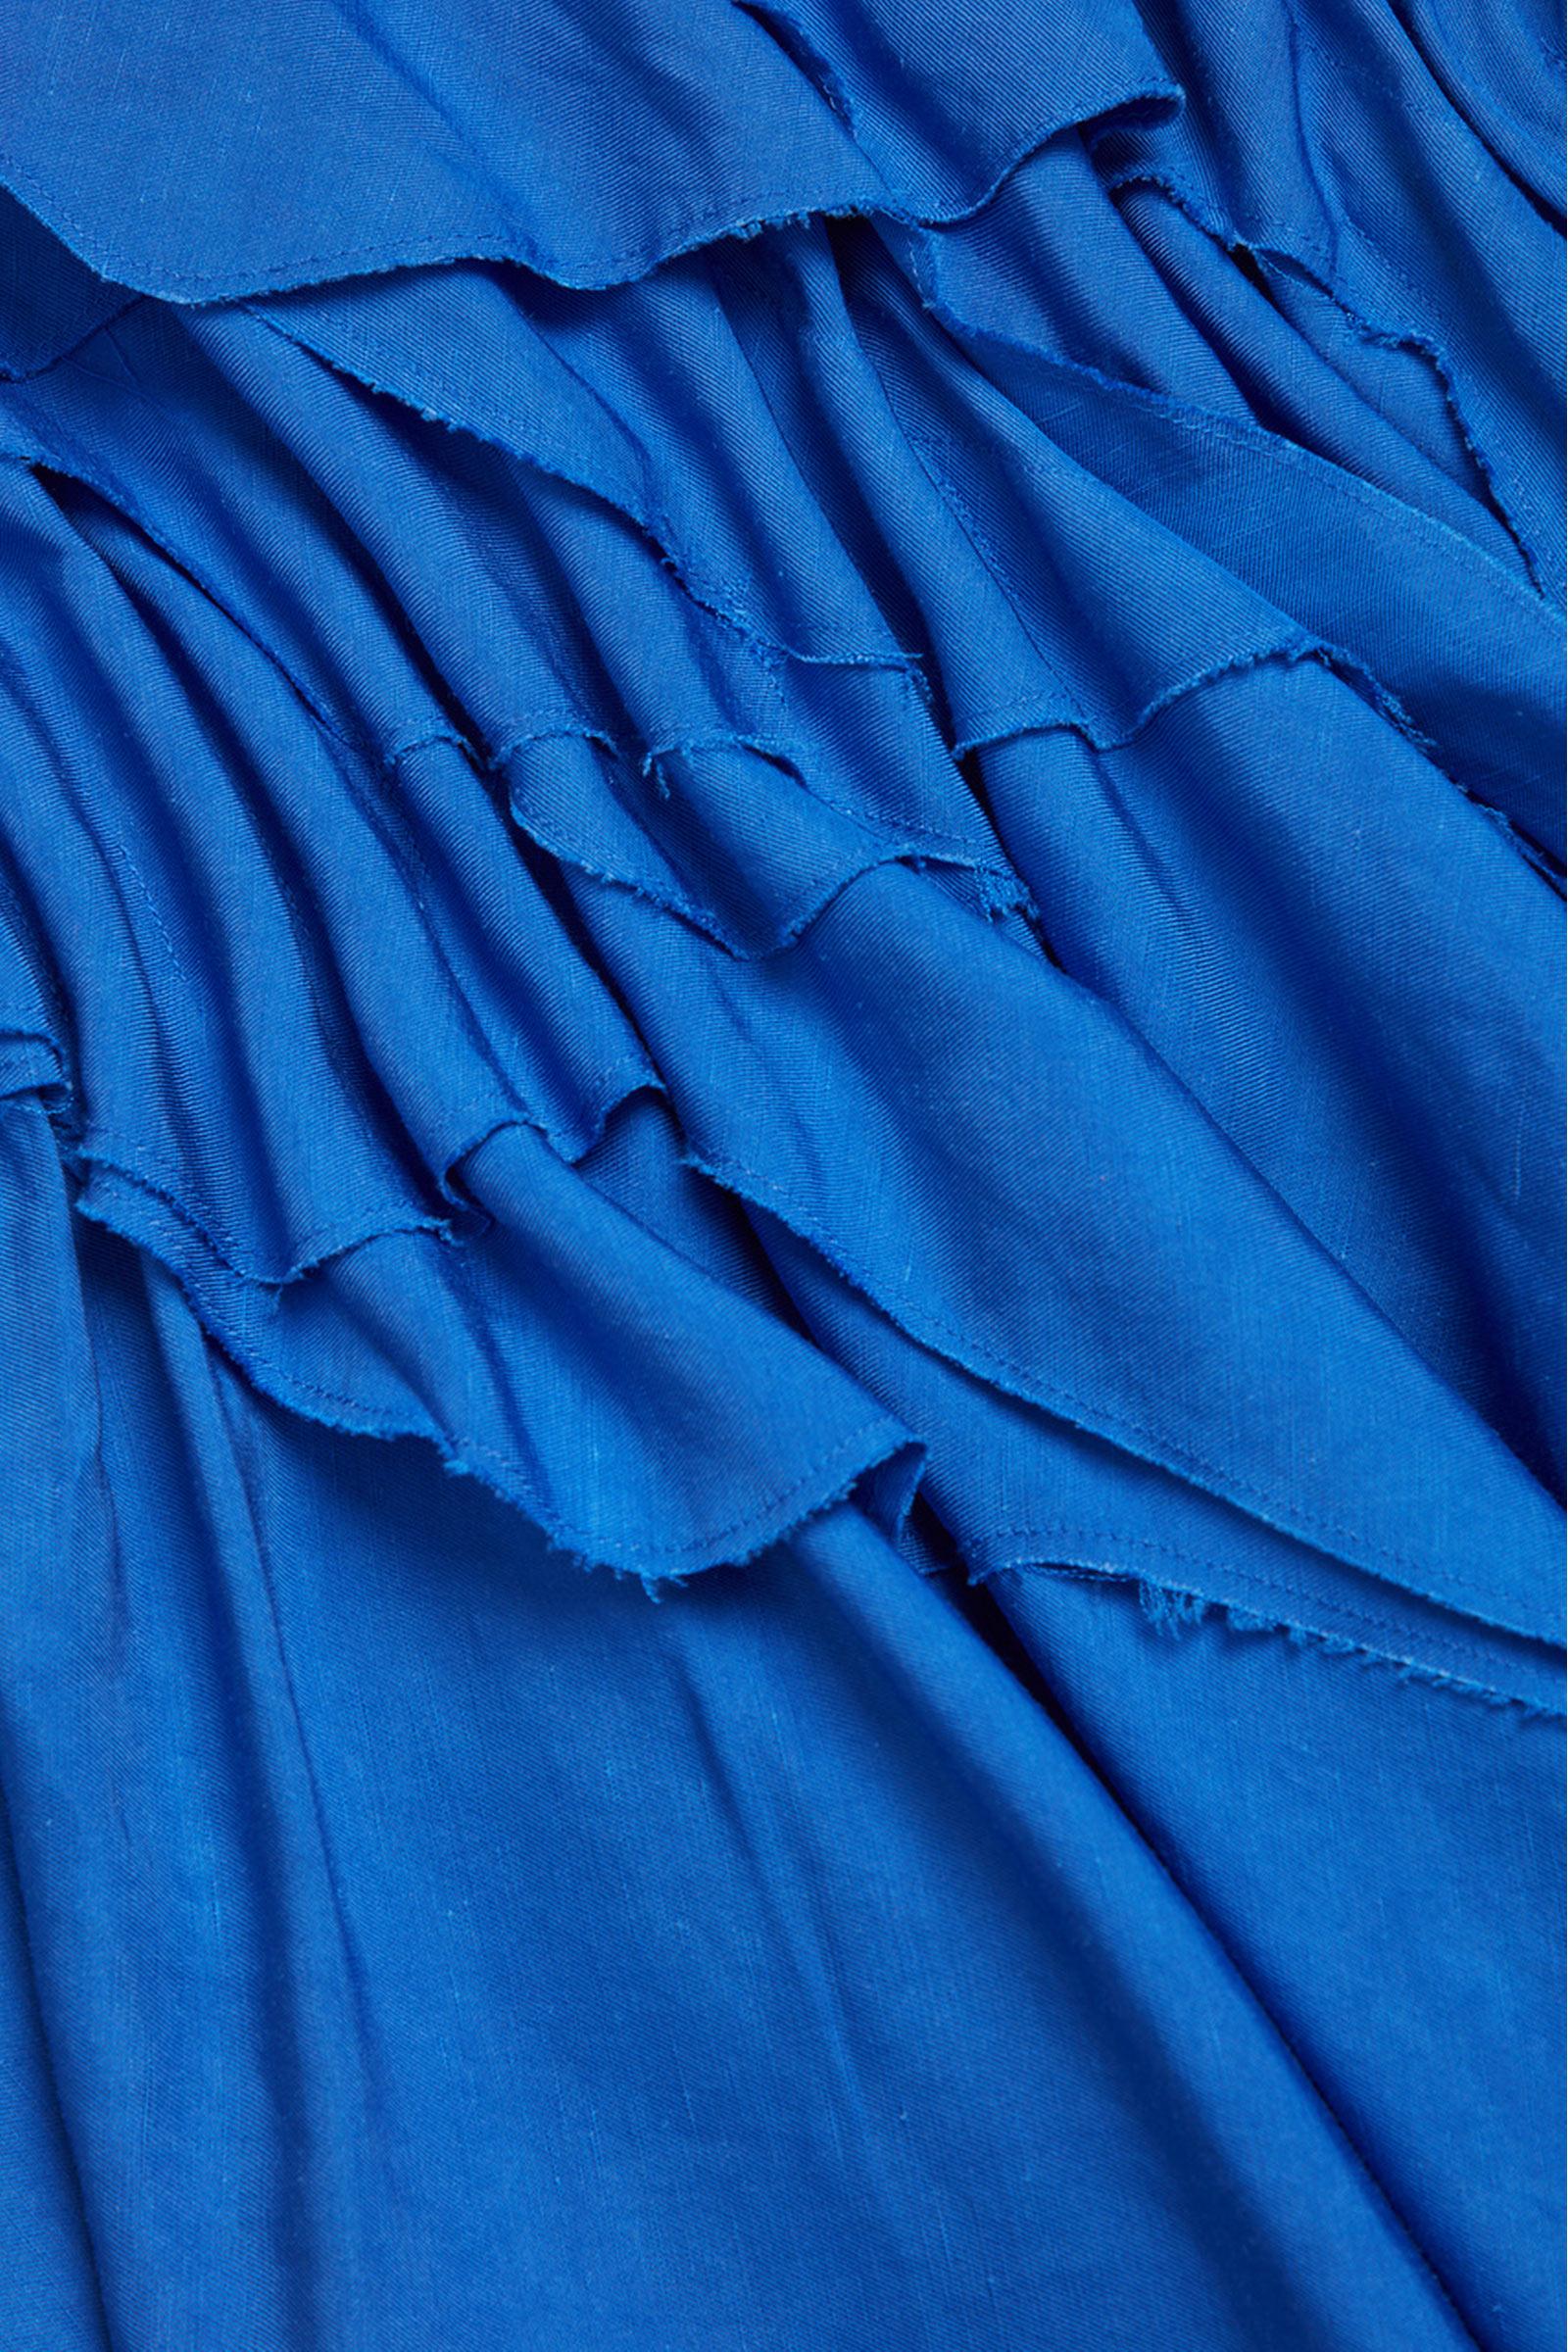 COS 레이어드 리넨 드레스의 블루컬러 Detail입니다.